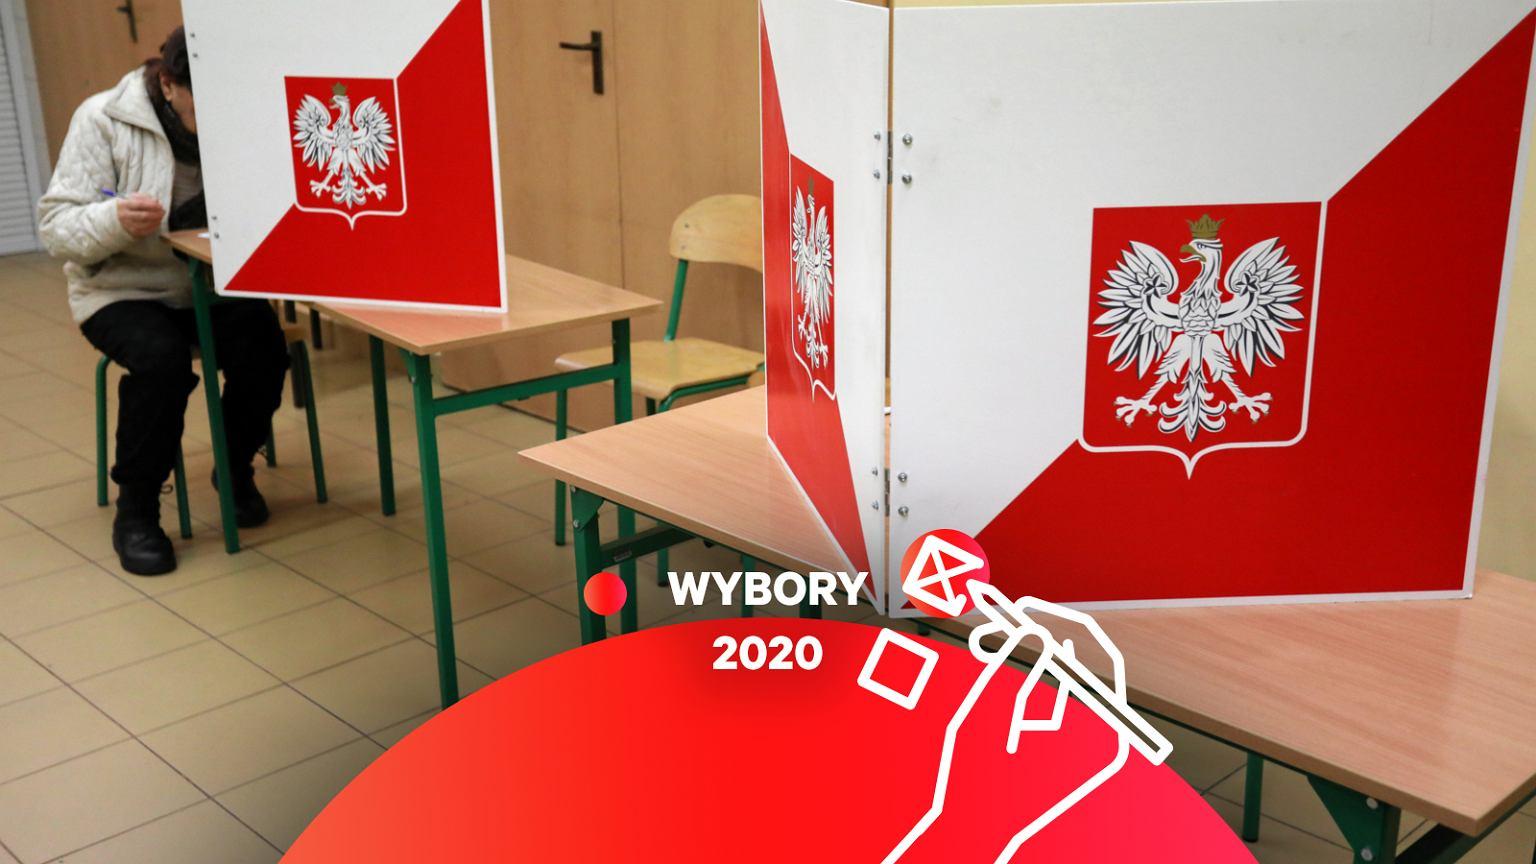 Wybory 2020. Rekordowa mobilizacja Polonii. Poza granicami kraju chce głosować aż 330 tys. osób